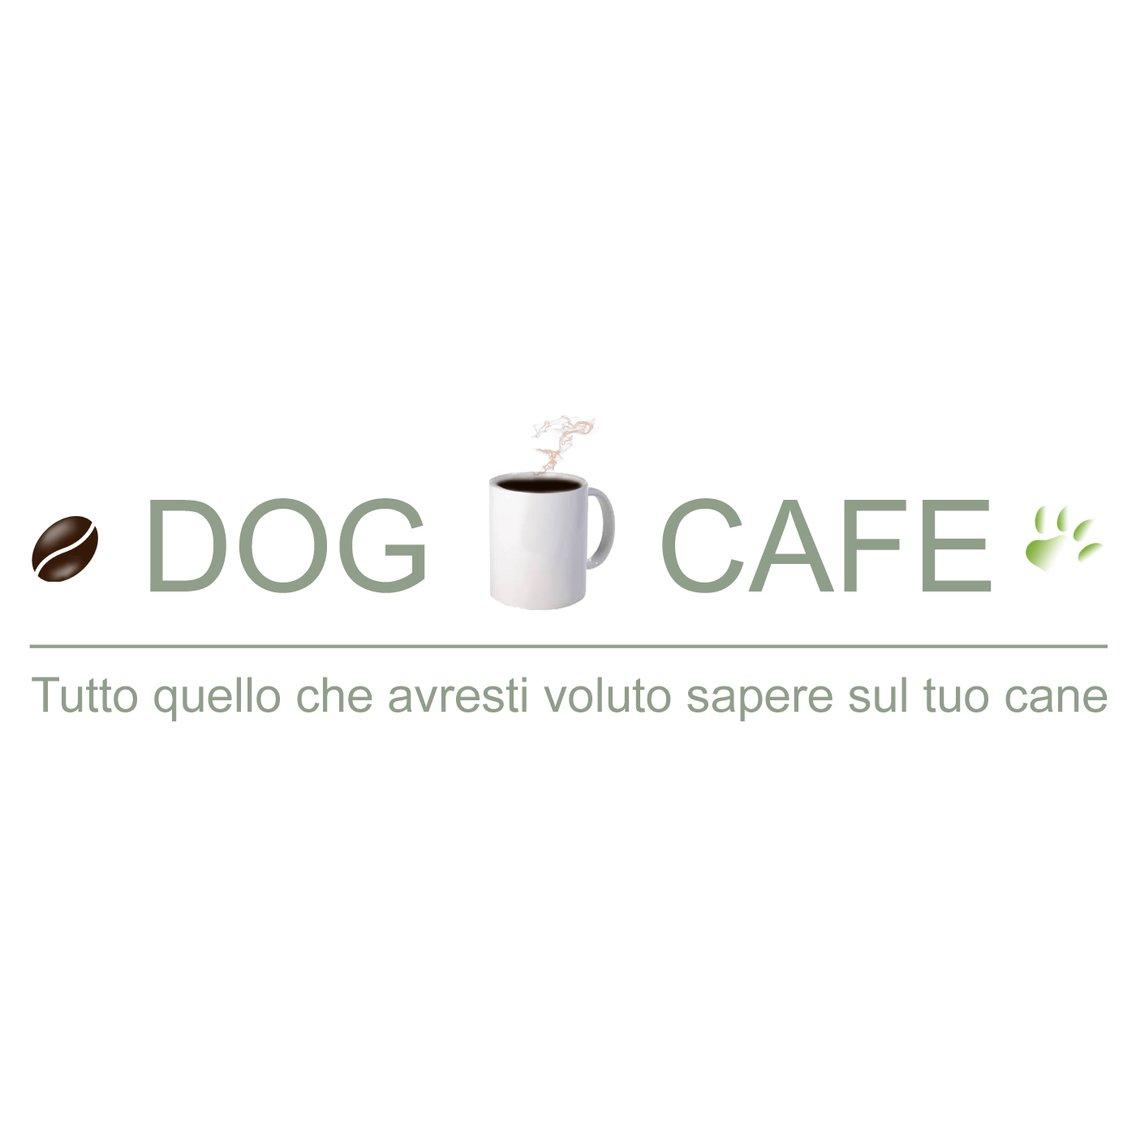 Dog-cafe - immagine di copertina